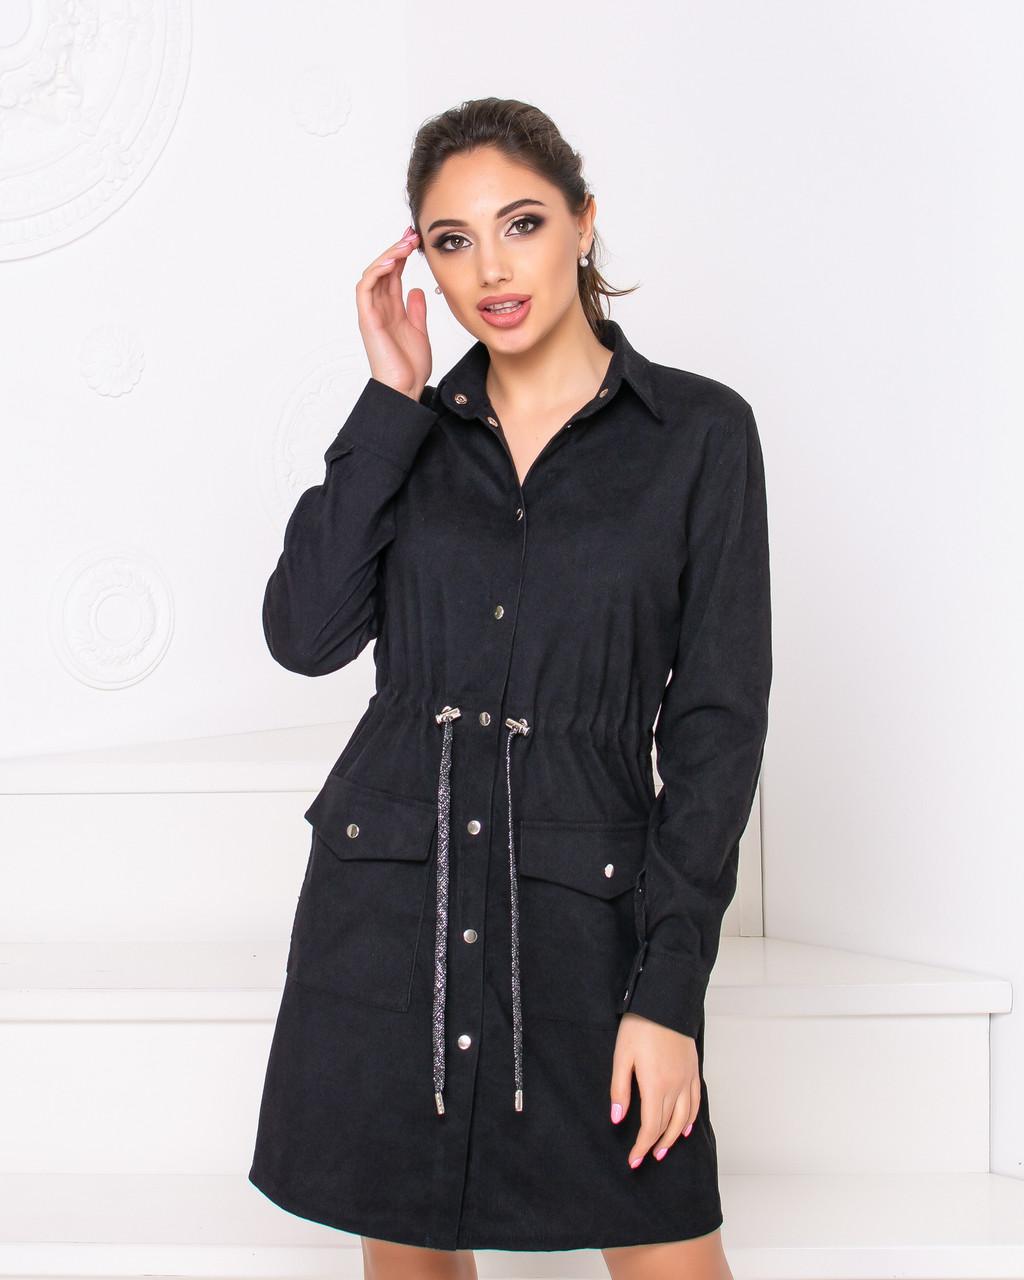 Платье-рубашка женская черного цвета  от YuLiYa Chumachenko